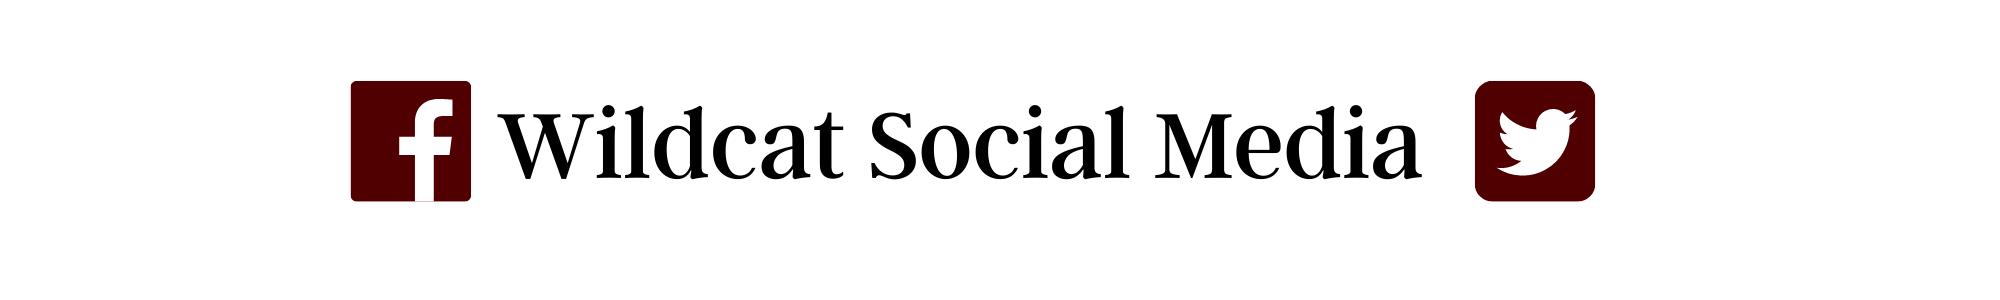 wildcat social